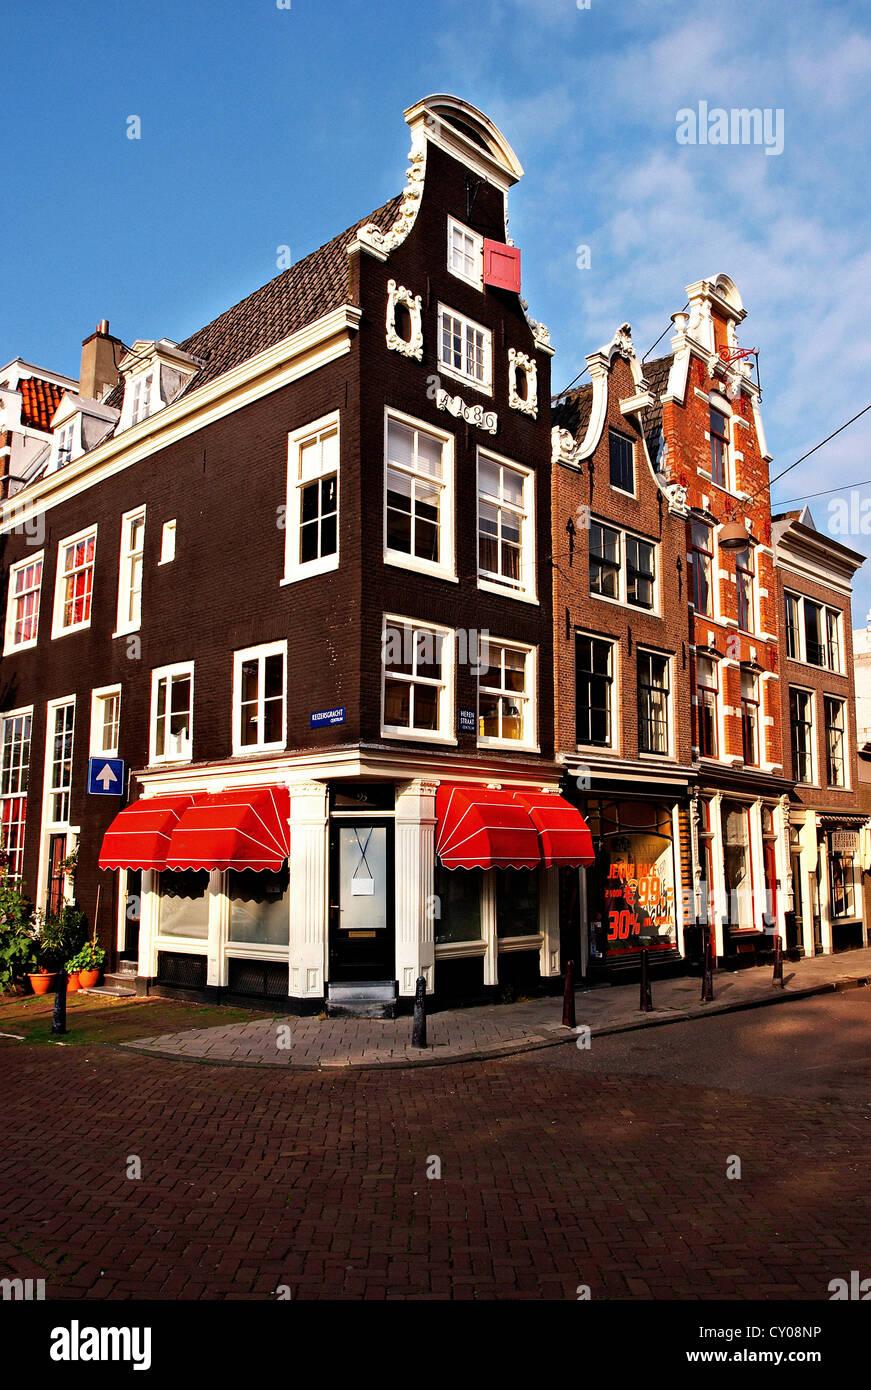 Niederlande nord holland amsterdam traditionelle niederl ndische architektur entlang der - Architektur amsterdam ...